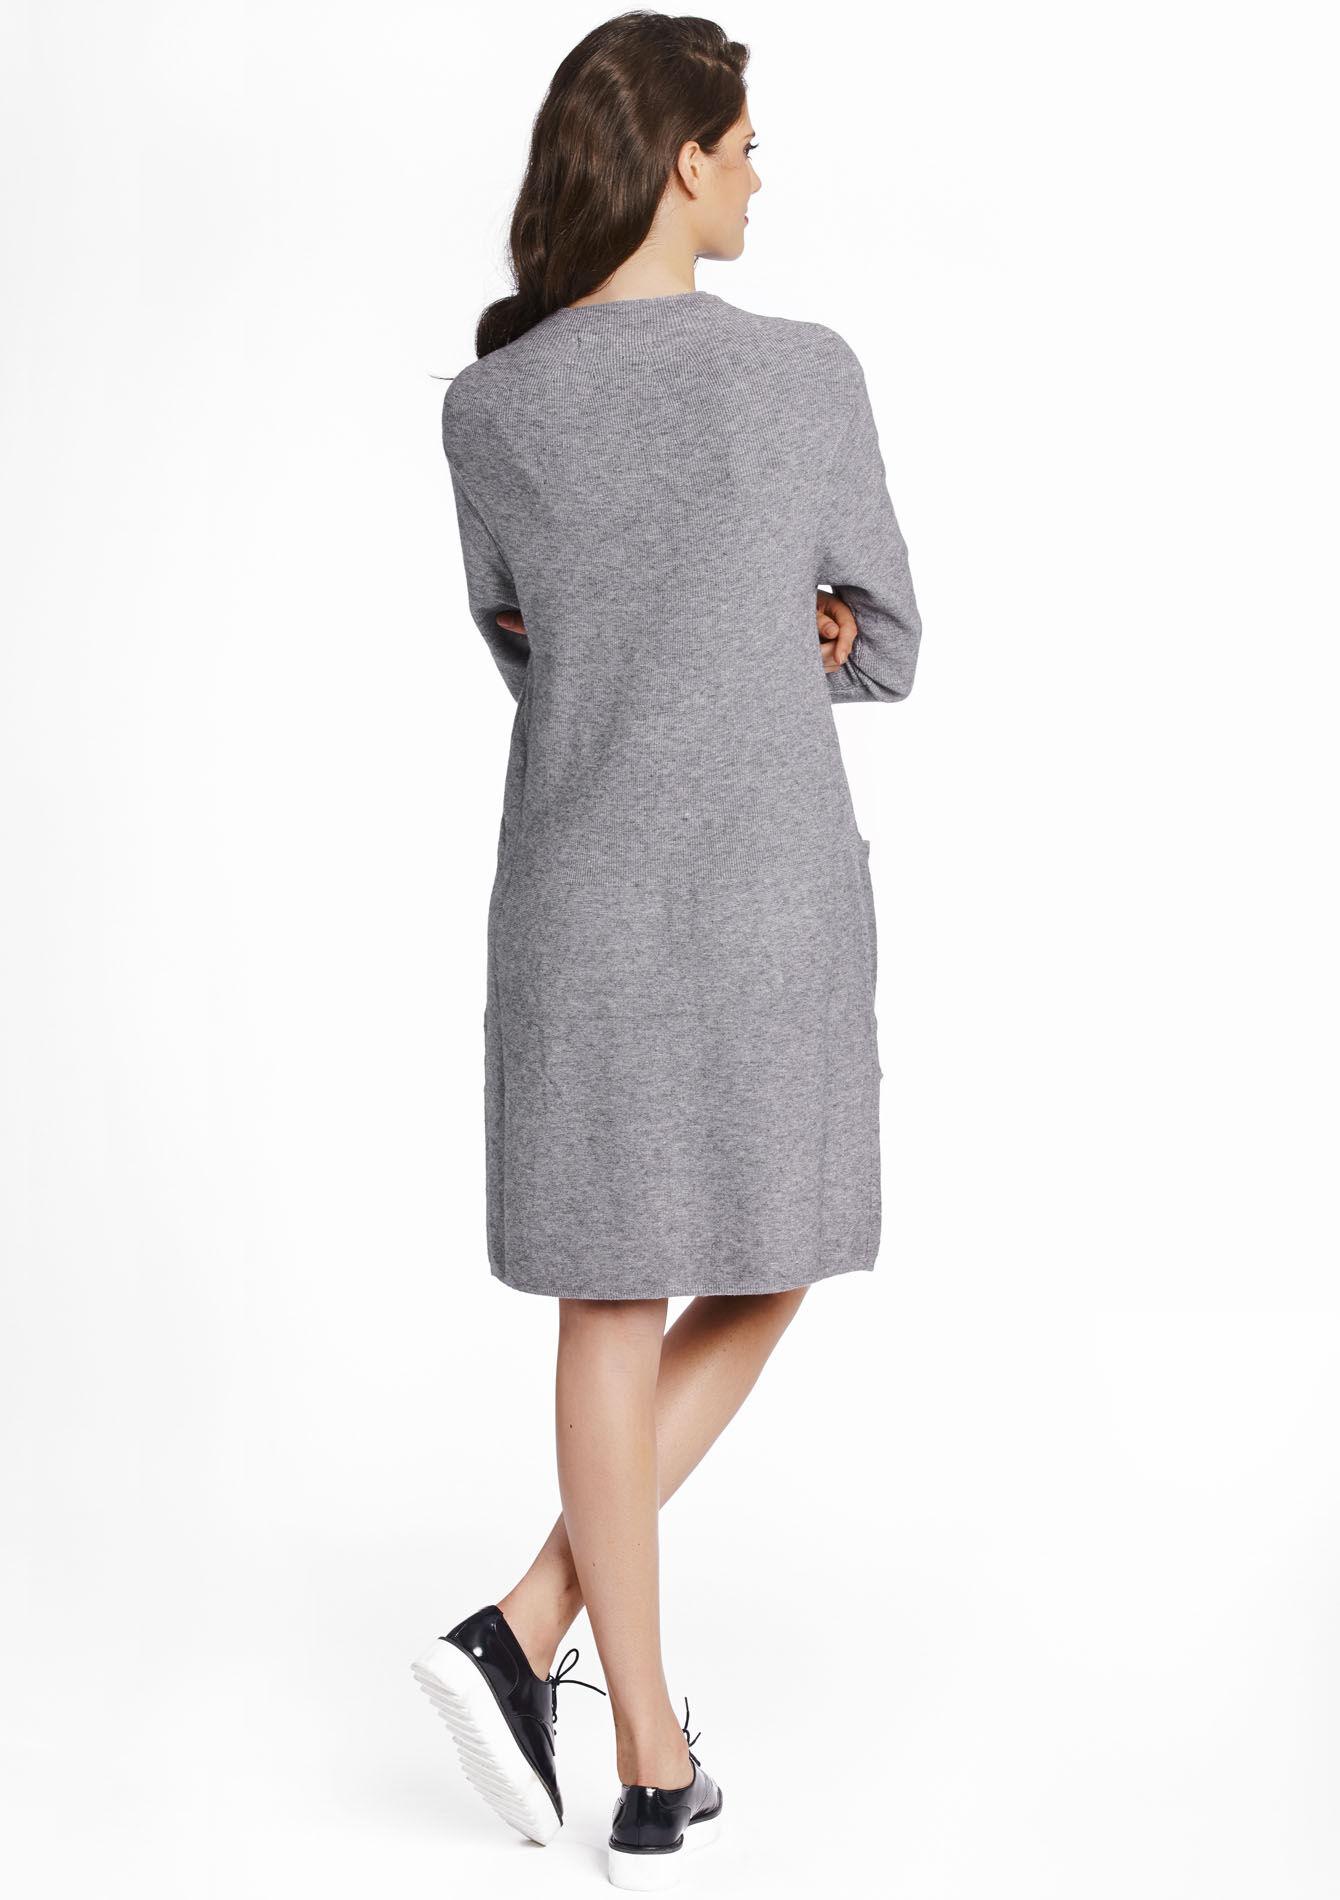 gebreide jurk met zakken